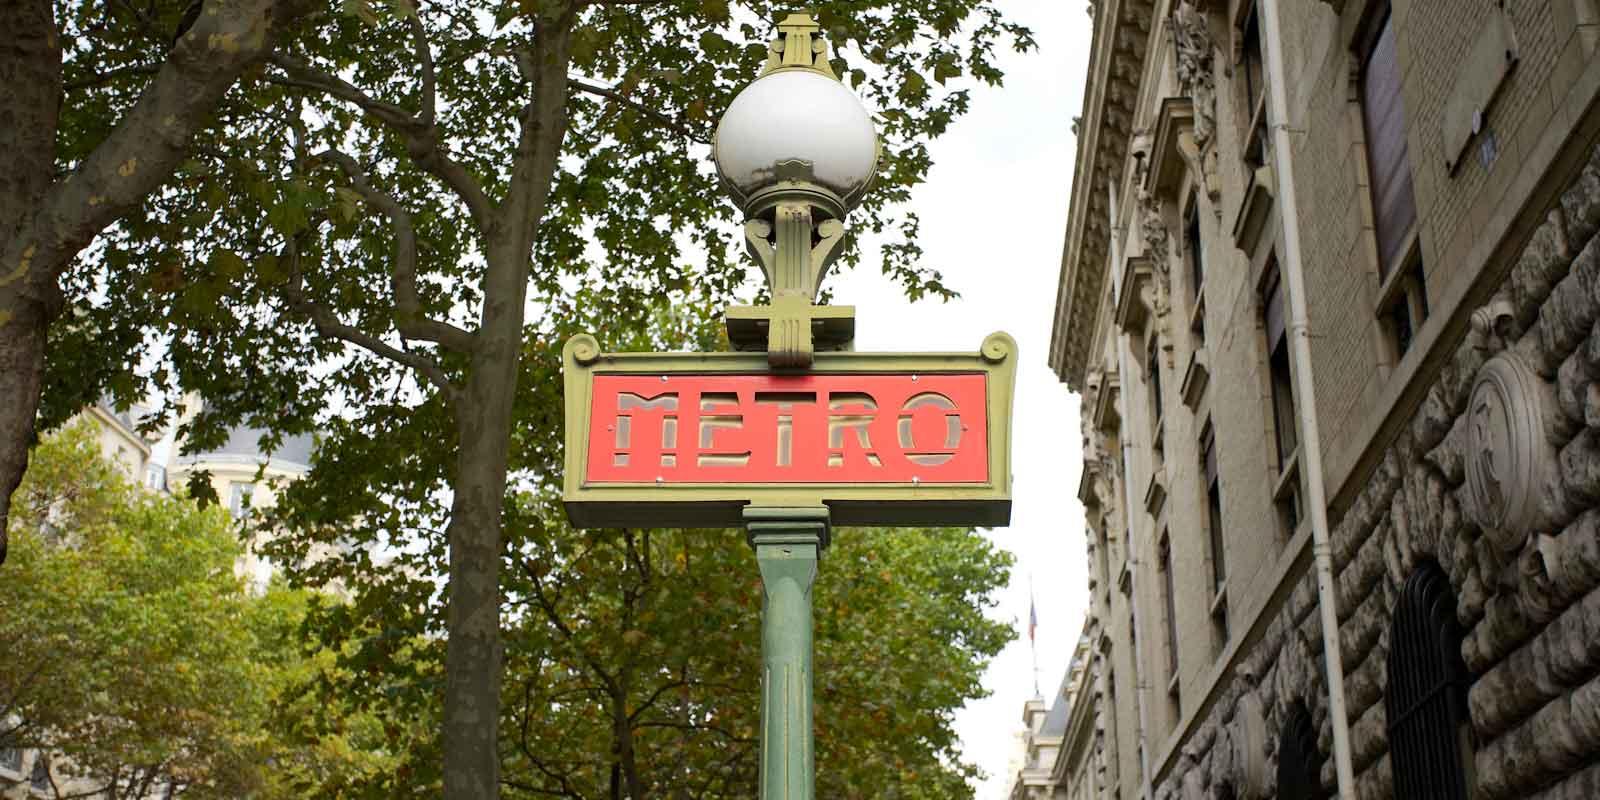 Closeup photo of a Metro entrance sign in Paris